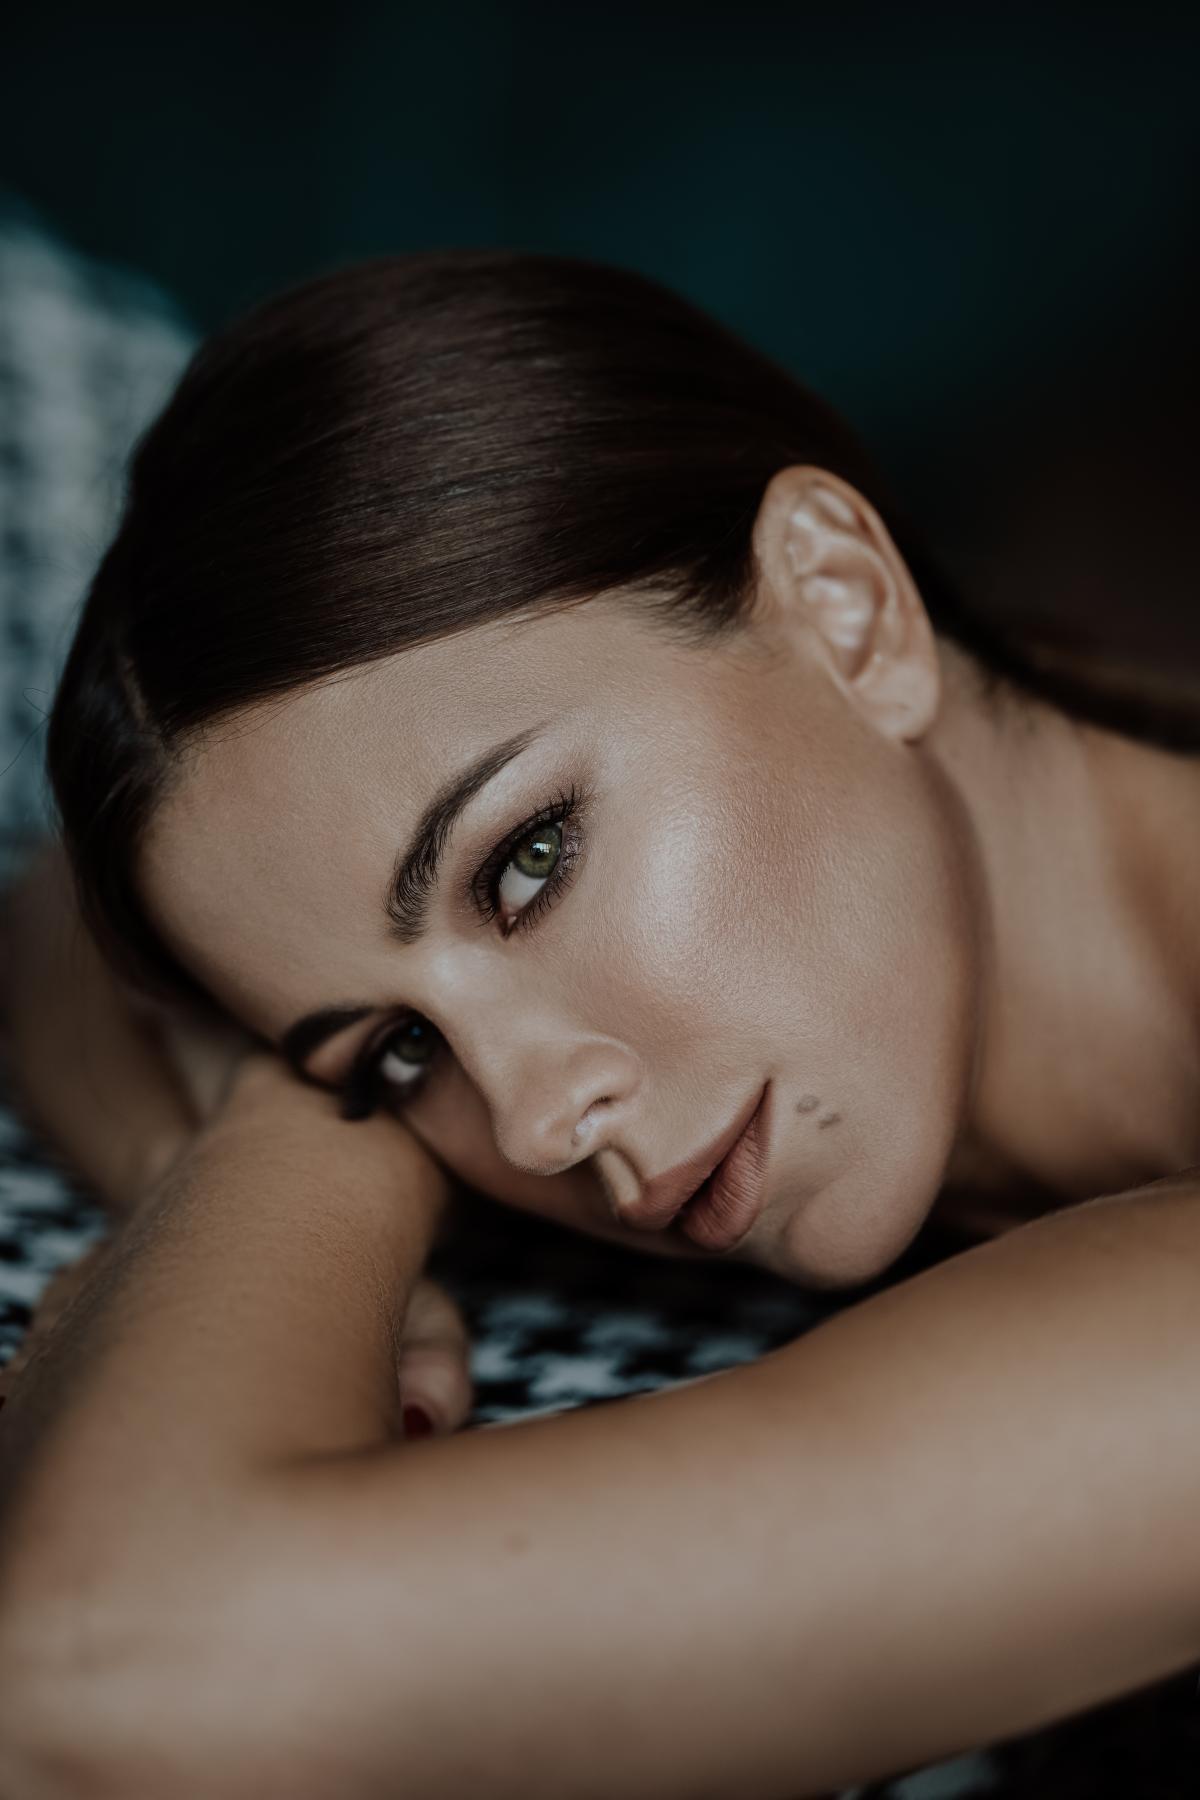 Баллада «Страдаем и любим» очень близка певице - она основана на реальных событиях / пресс-служба Ани Лорак